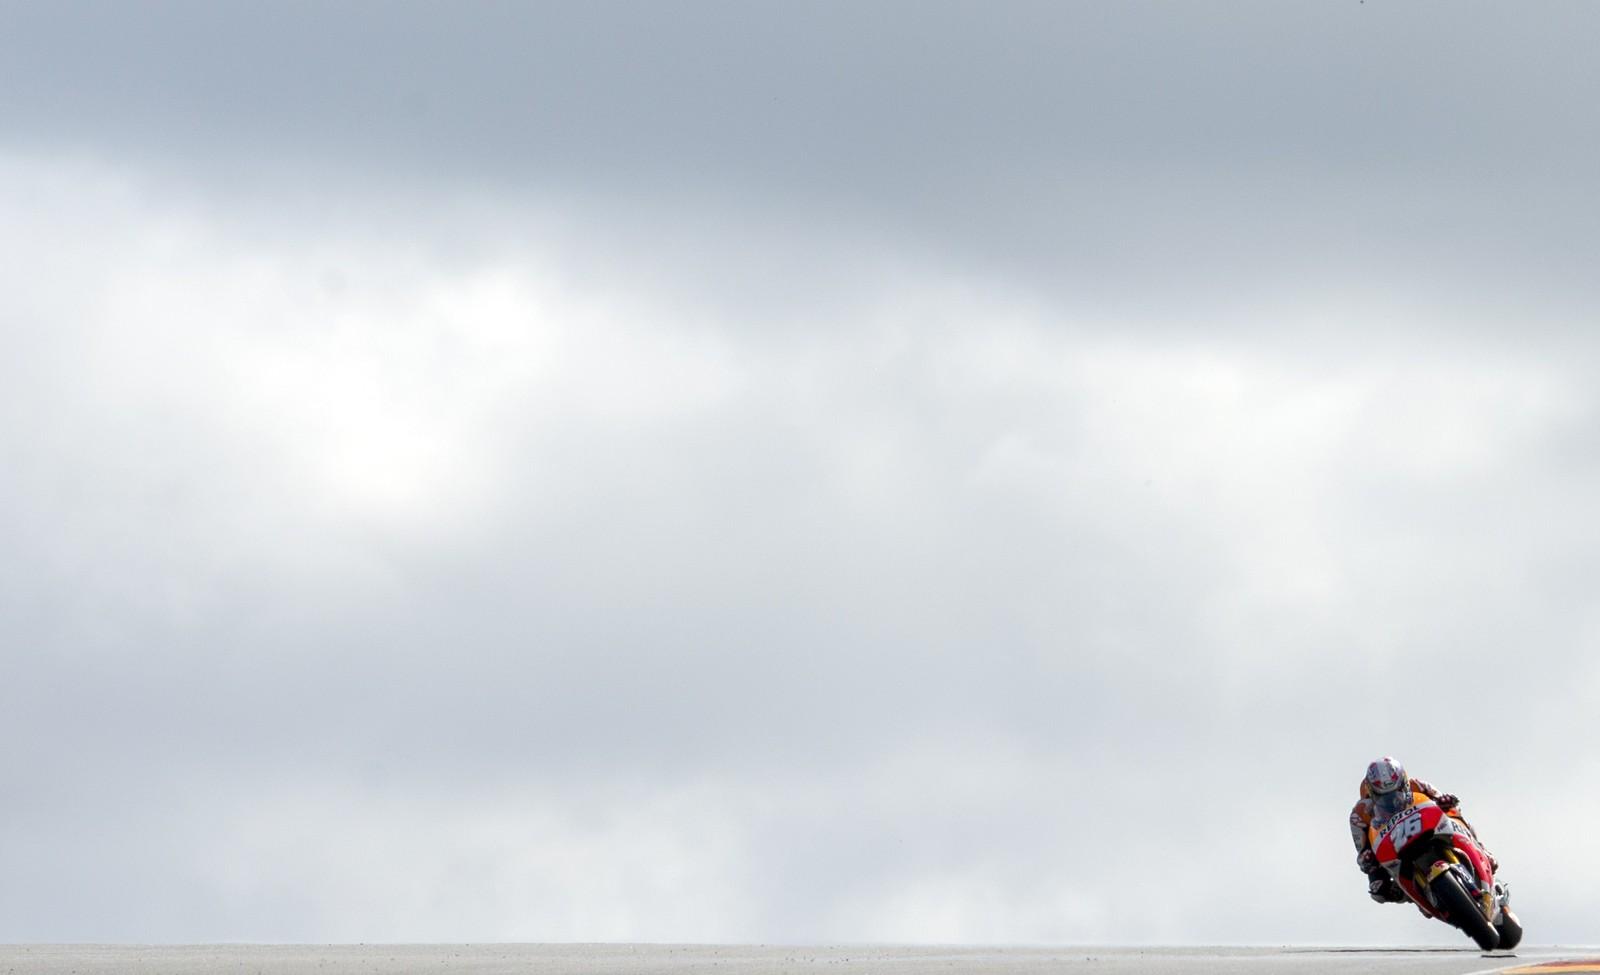 Spanske Dani Pedrosa suser avgårde under oppvarmingen til MotoGP Grand Prix på Sachsenring-banen i Tyskland.